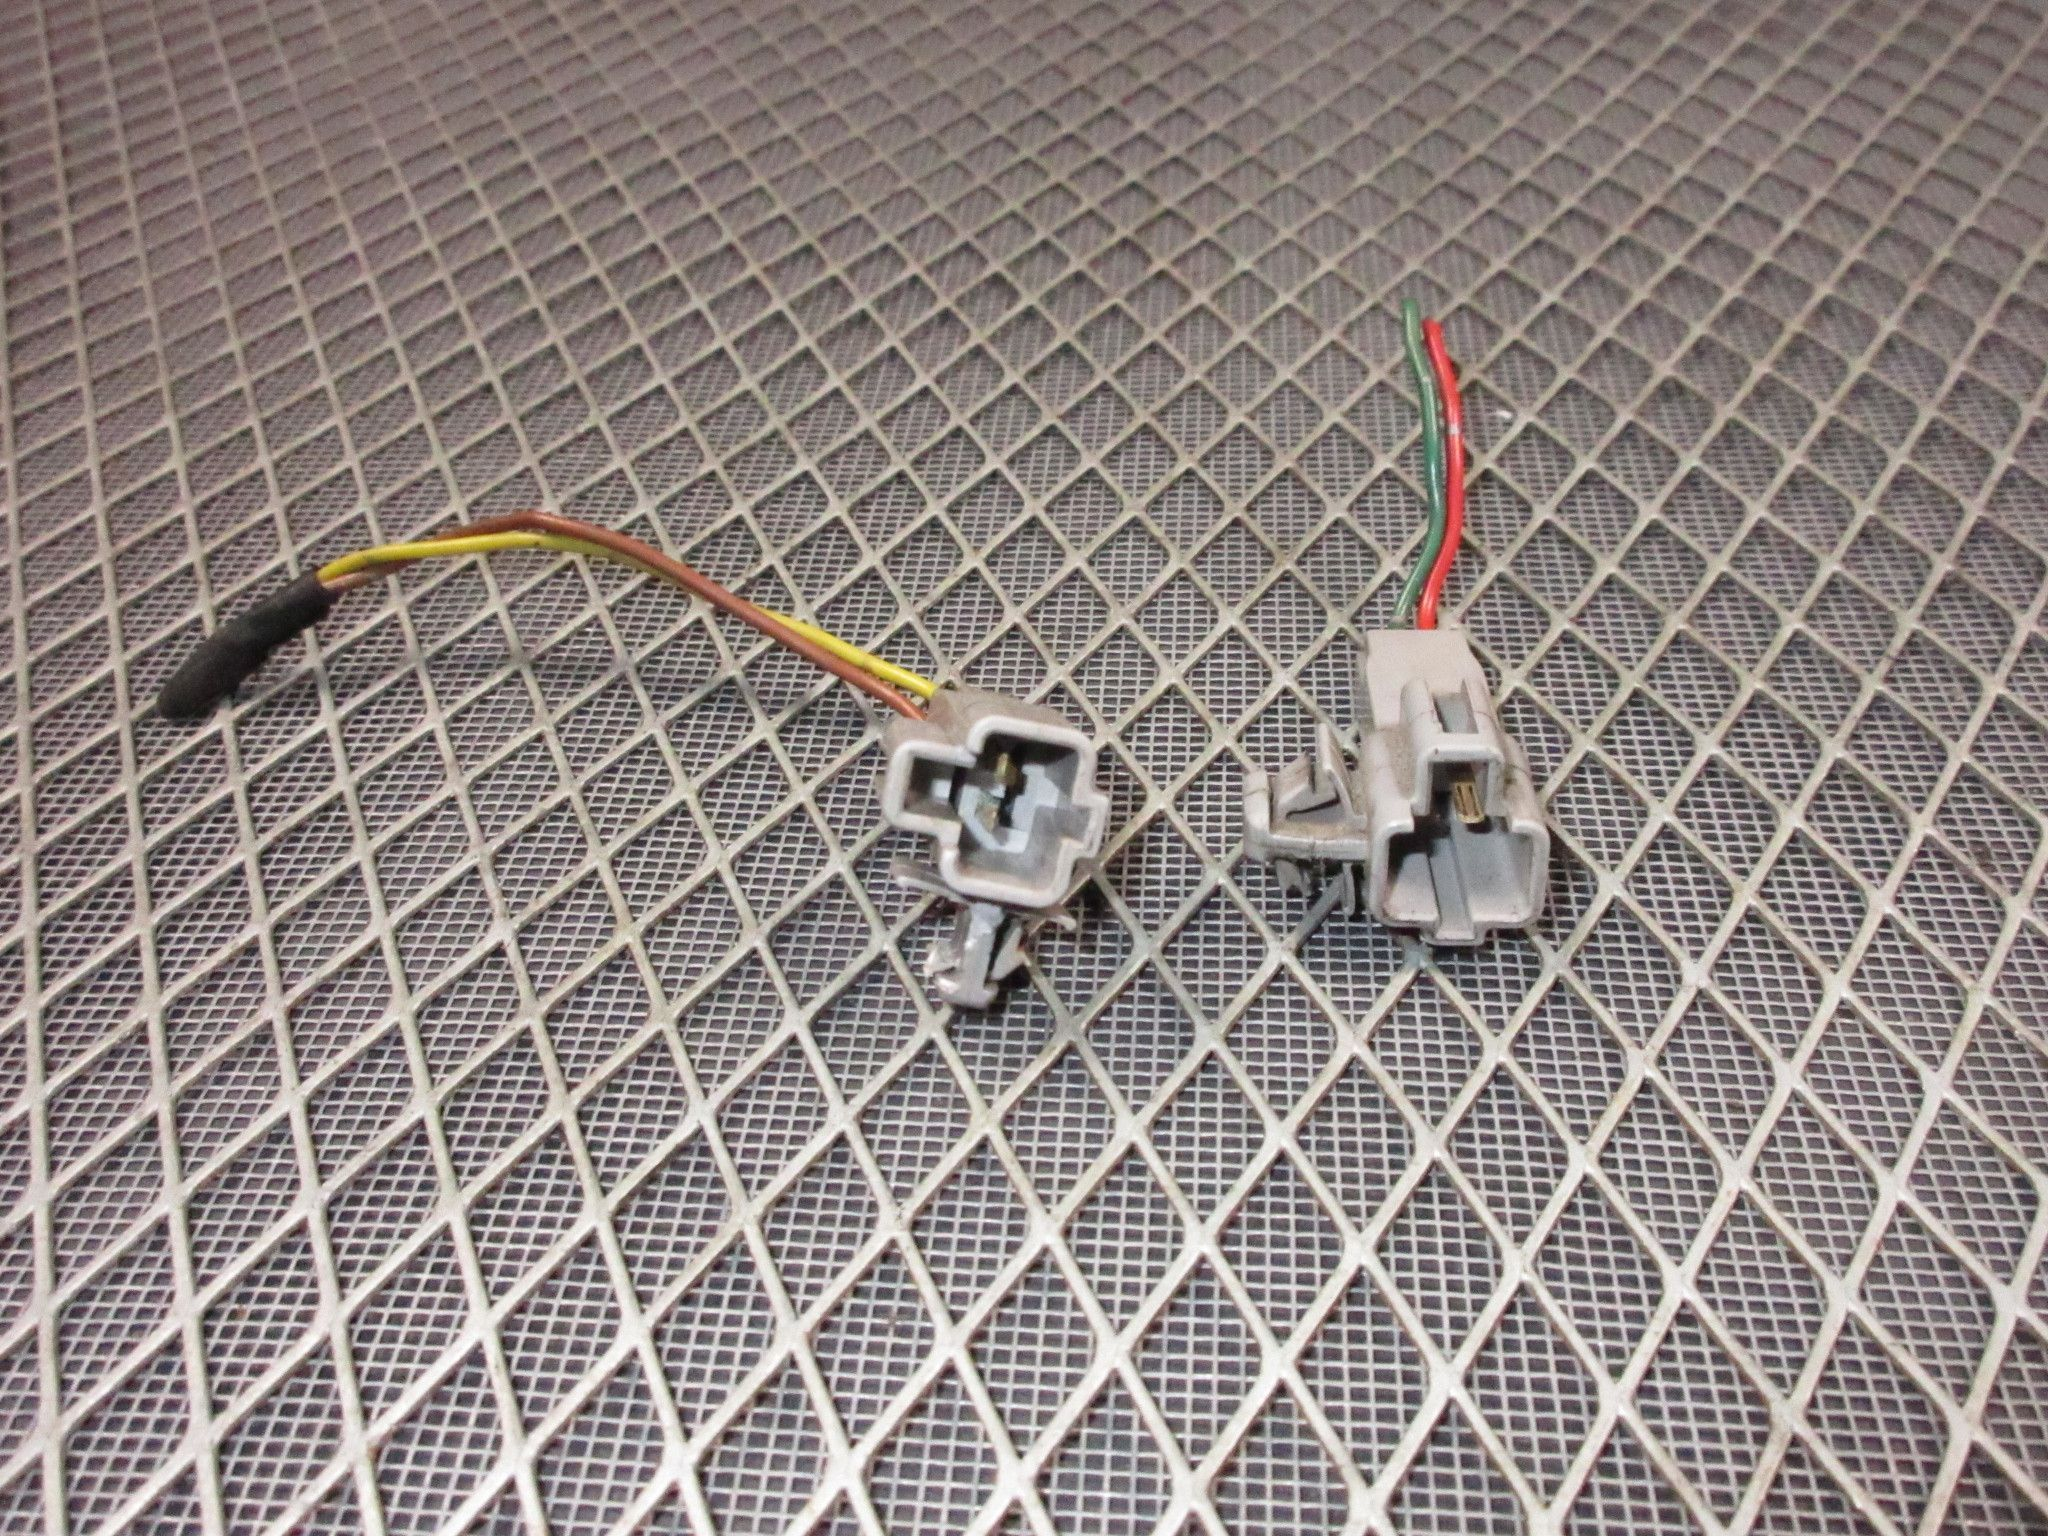 lexus es engine wiring harness image 92 93 lexus es300 oem rear abs sensor pigtail harness lexus es on 1993 lexus es300